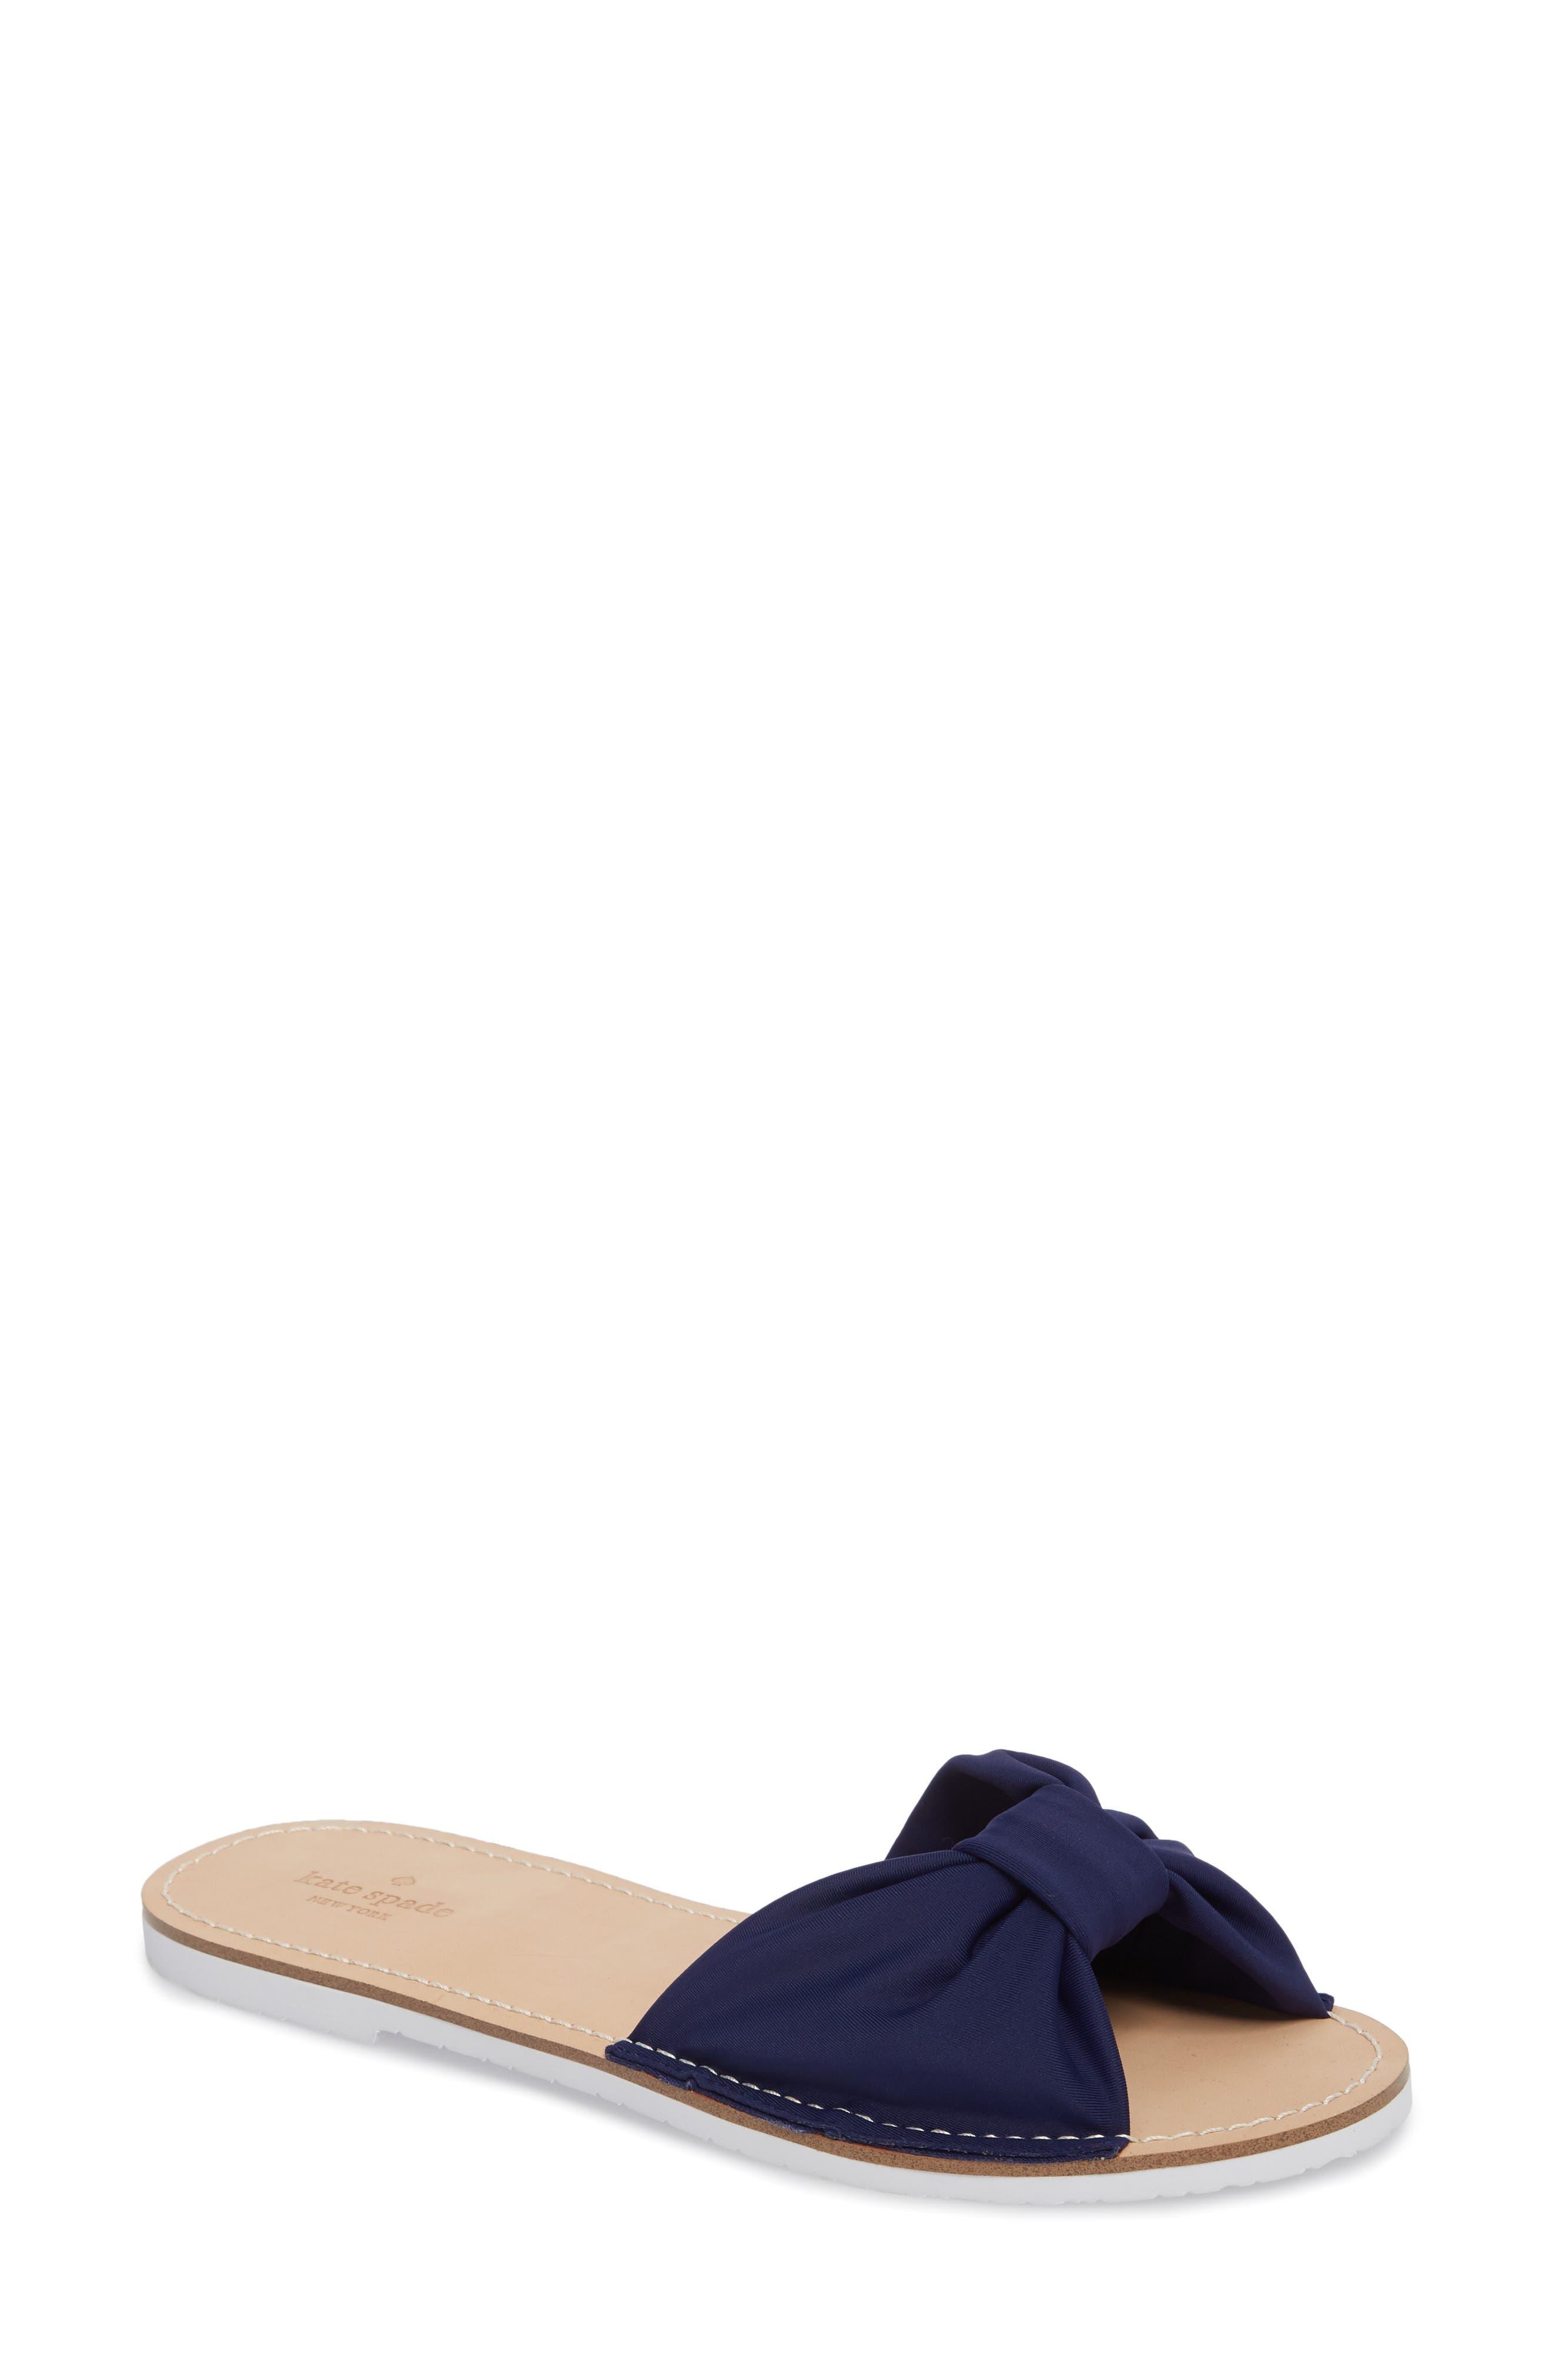 indi slide sandal,                         Main,                         color, Blue